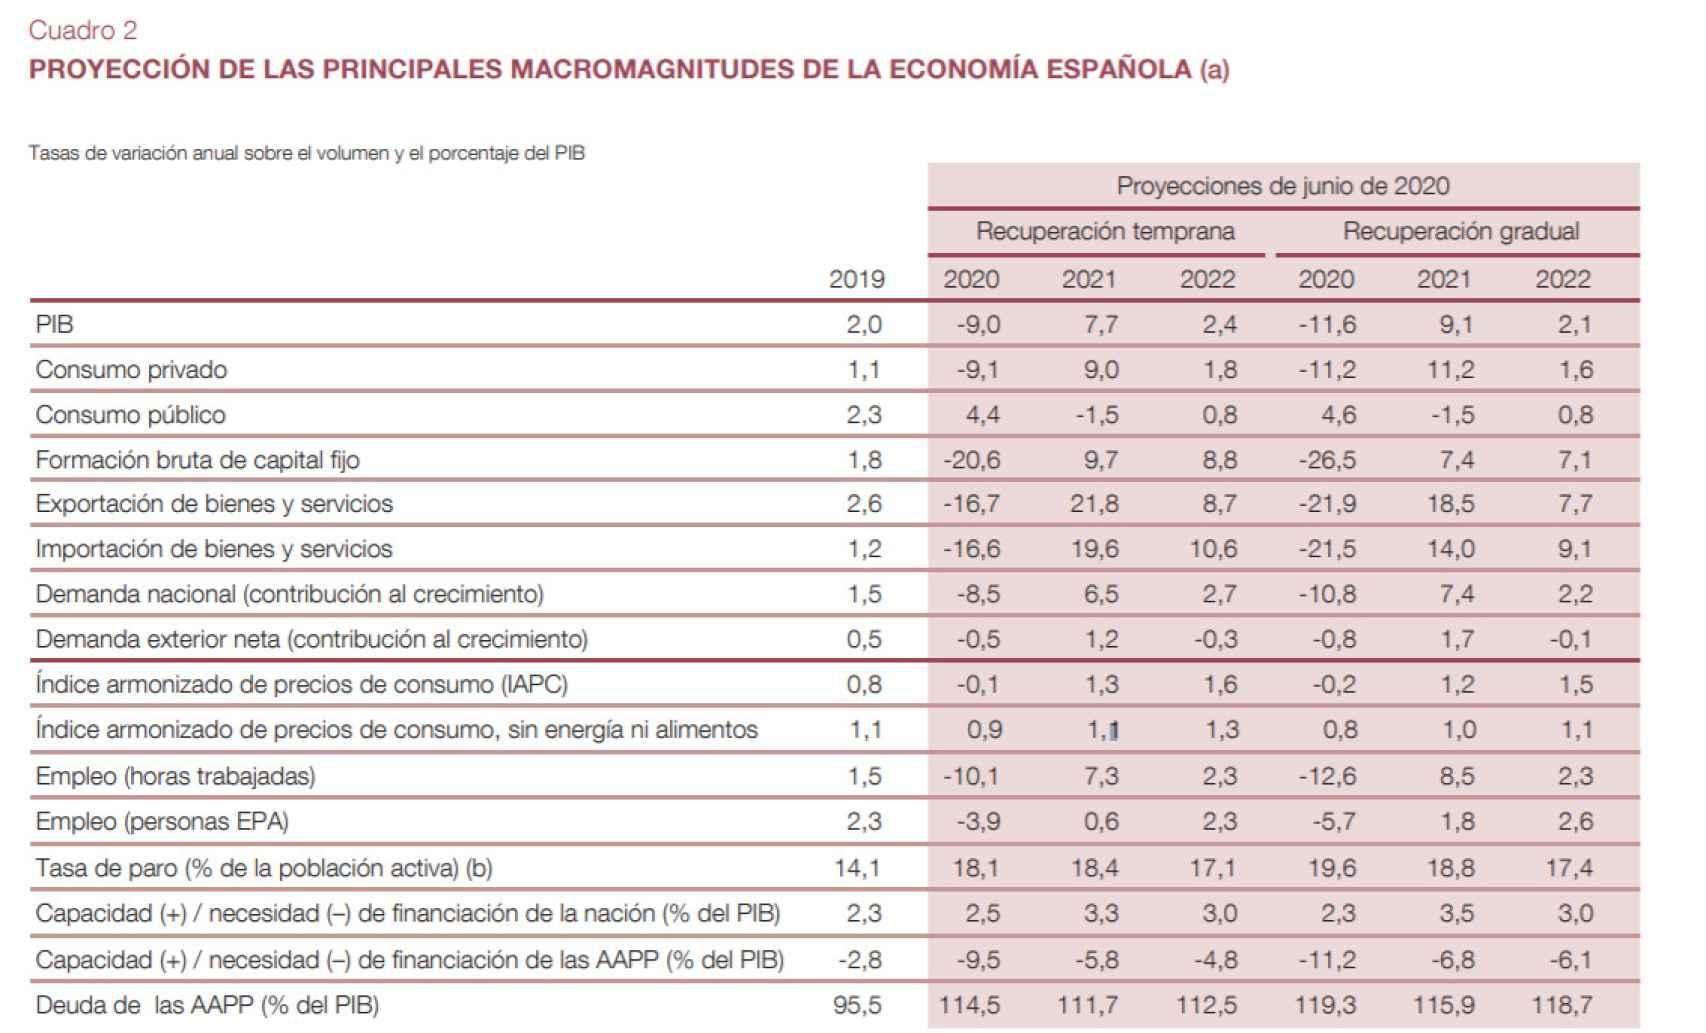 Fuente: Banco de España